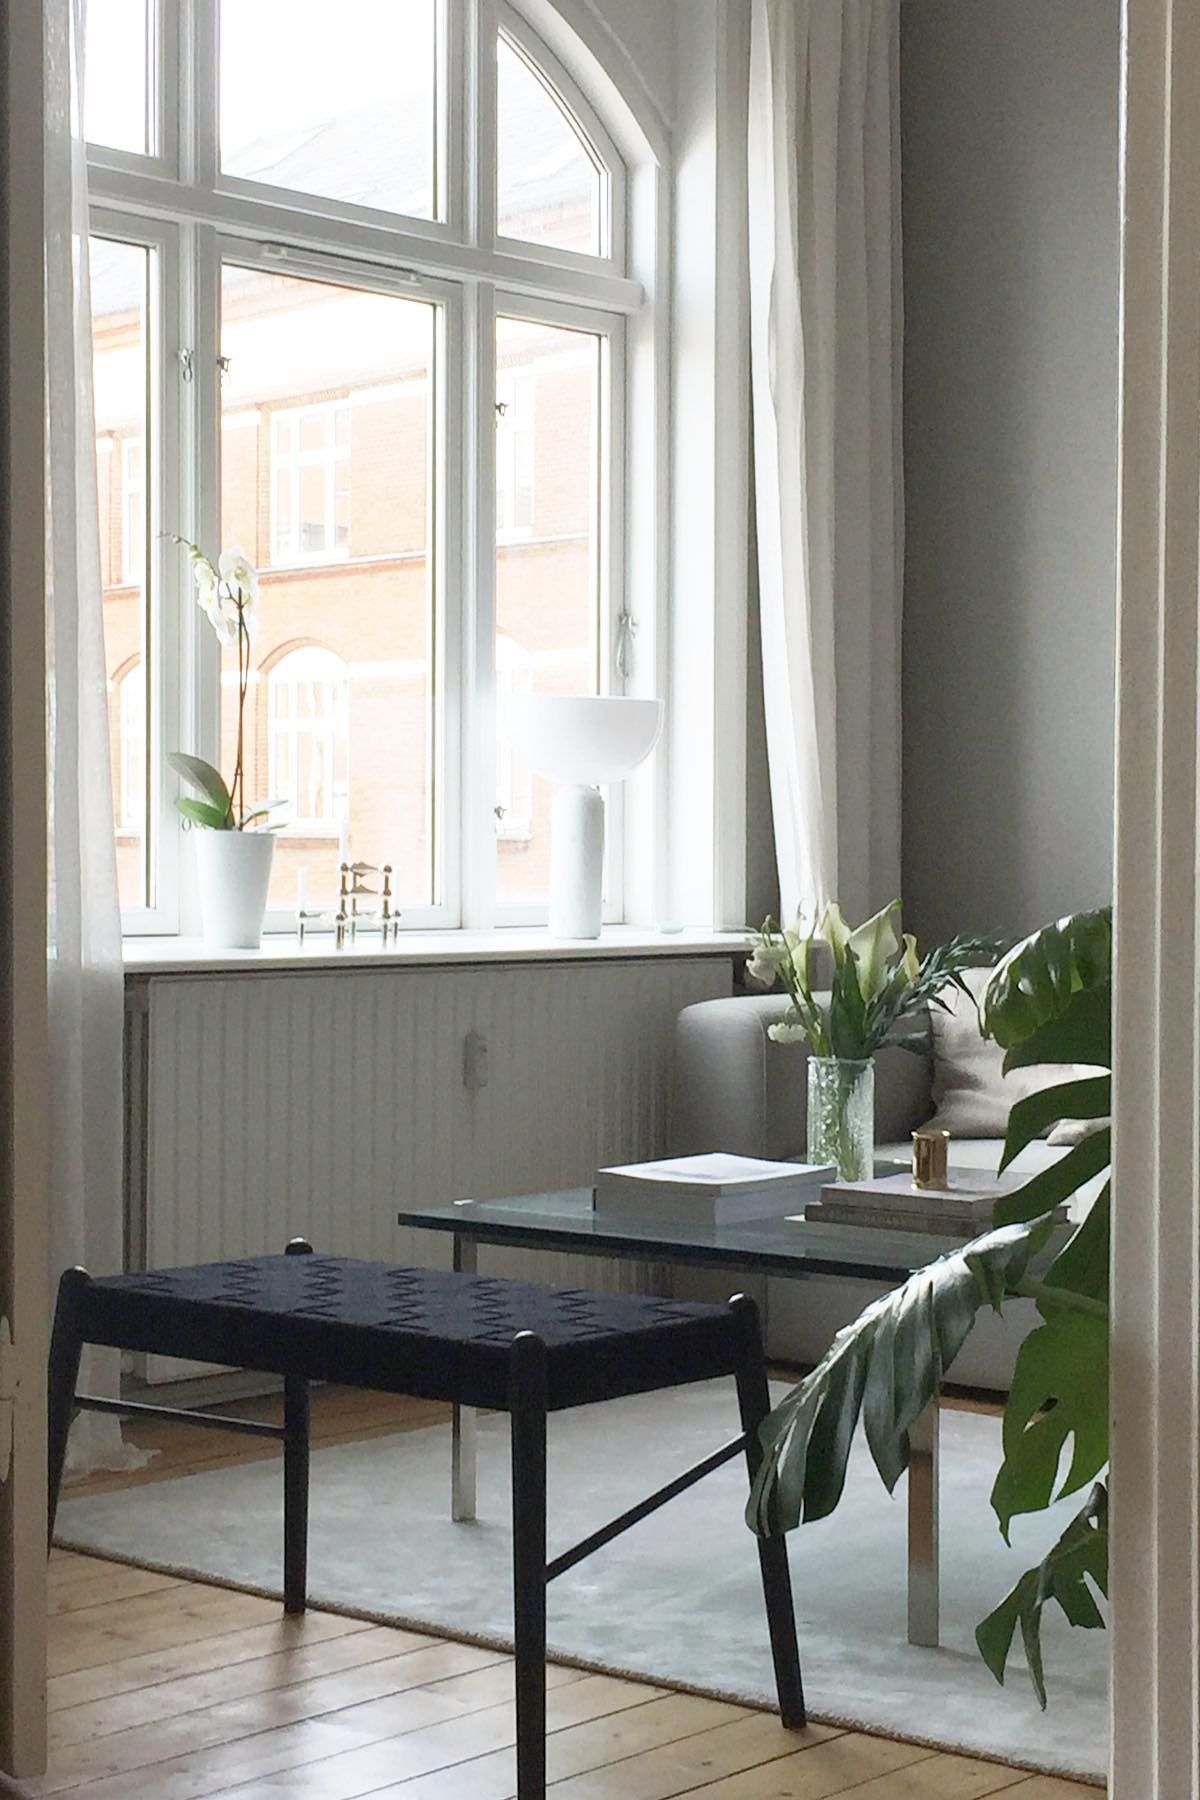 UMI bænken er et fantastisk møbel! Den fås i flere farver og størrelser, og så er den lavet af bæredygtige materialer 🌿  Gratis fragt, 1-3 dages levering og gratis returnering.  📷 @helenehoue.    #bæredygtigt #mithjem #bæredygtigtdesign #sustainabledesign #boligindretning #skandinaviskdesign #nordiskdesign #indretning #livingroom #indretningsinspiration #nordiskstil #sustainablefurniture #bolig #sustainable #umibænk #boliginspiration #makenordic  #bænk #minstue #skandinaviskehjem